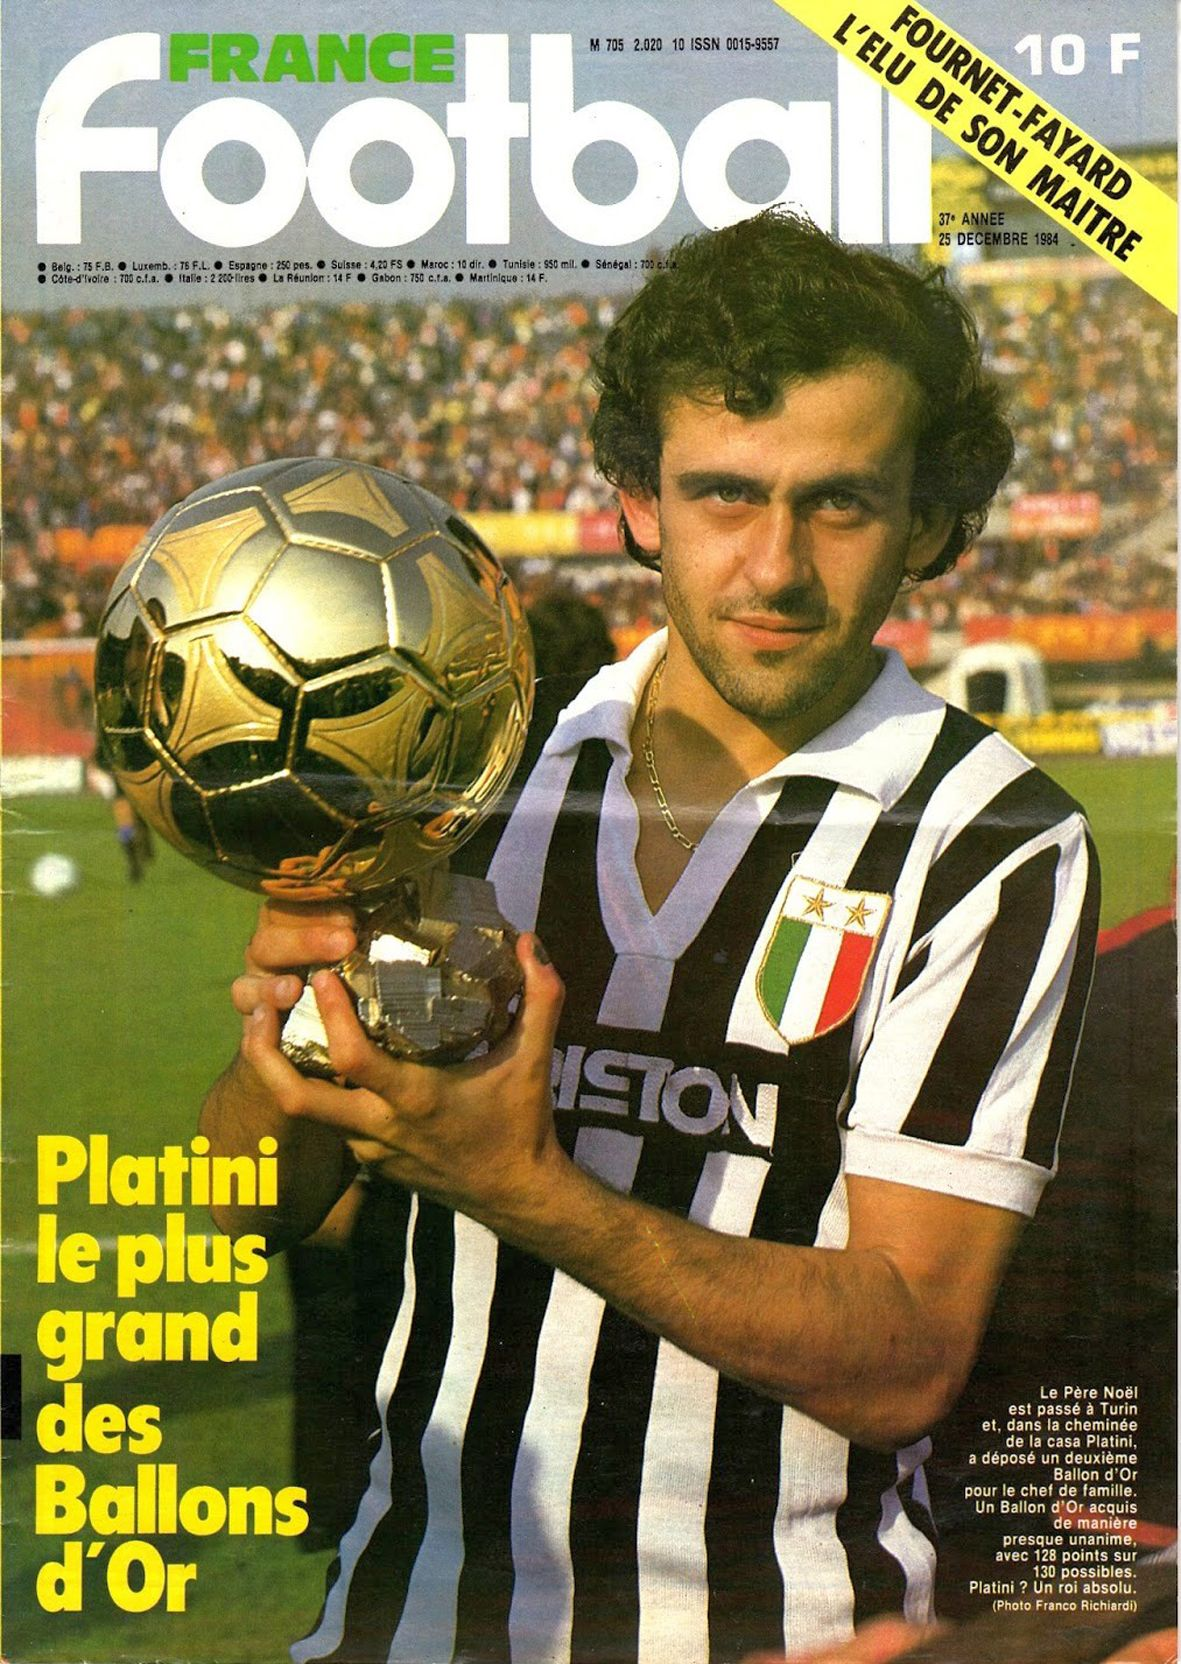 mag award ff 1984 cover